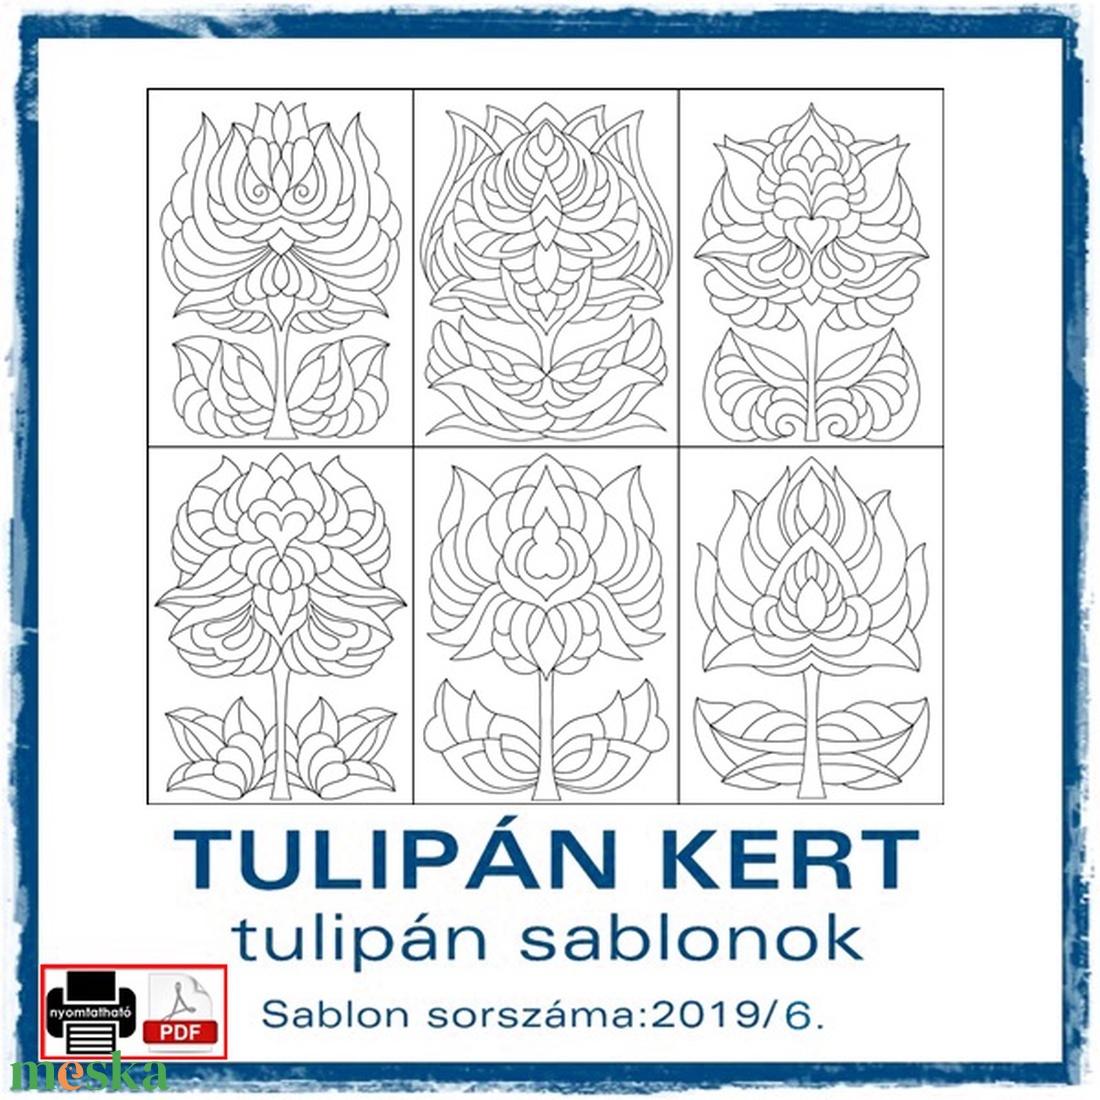 TulipánKert 2019/6 - művészet - grafika & illusztráció - Meska.hu